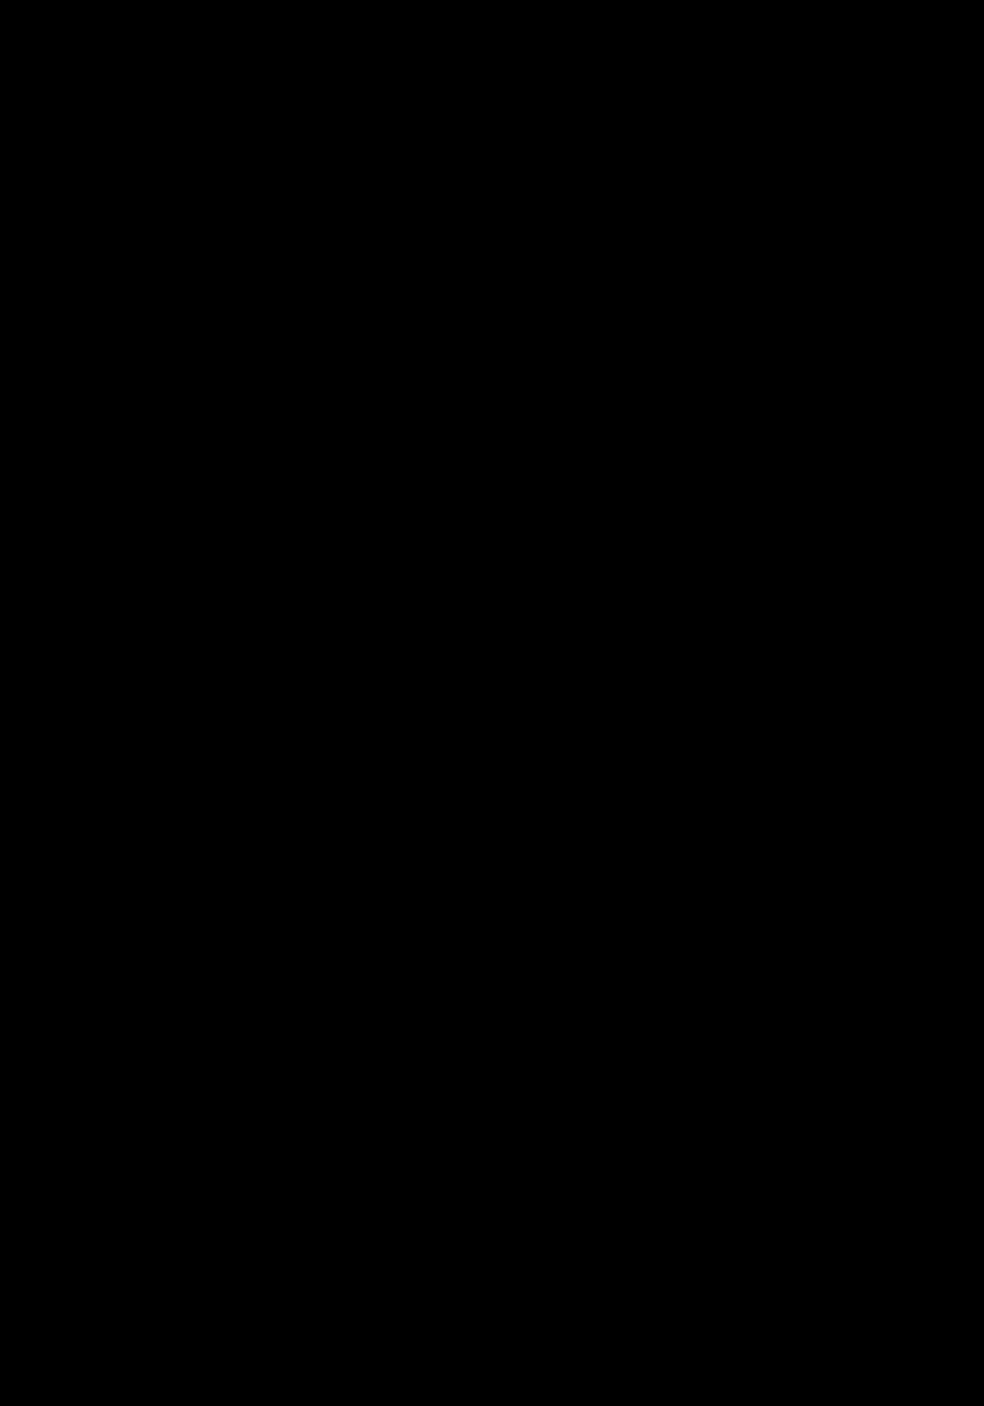 スーボ O OSU 横組見本